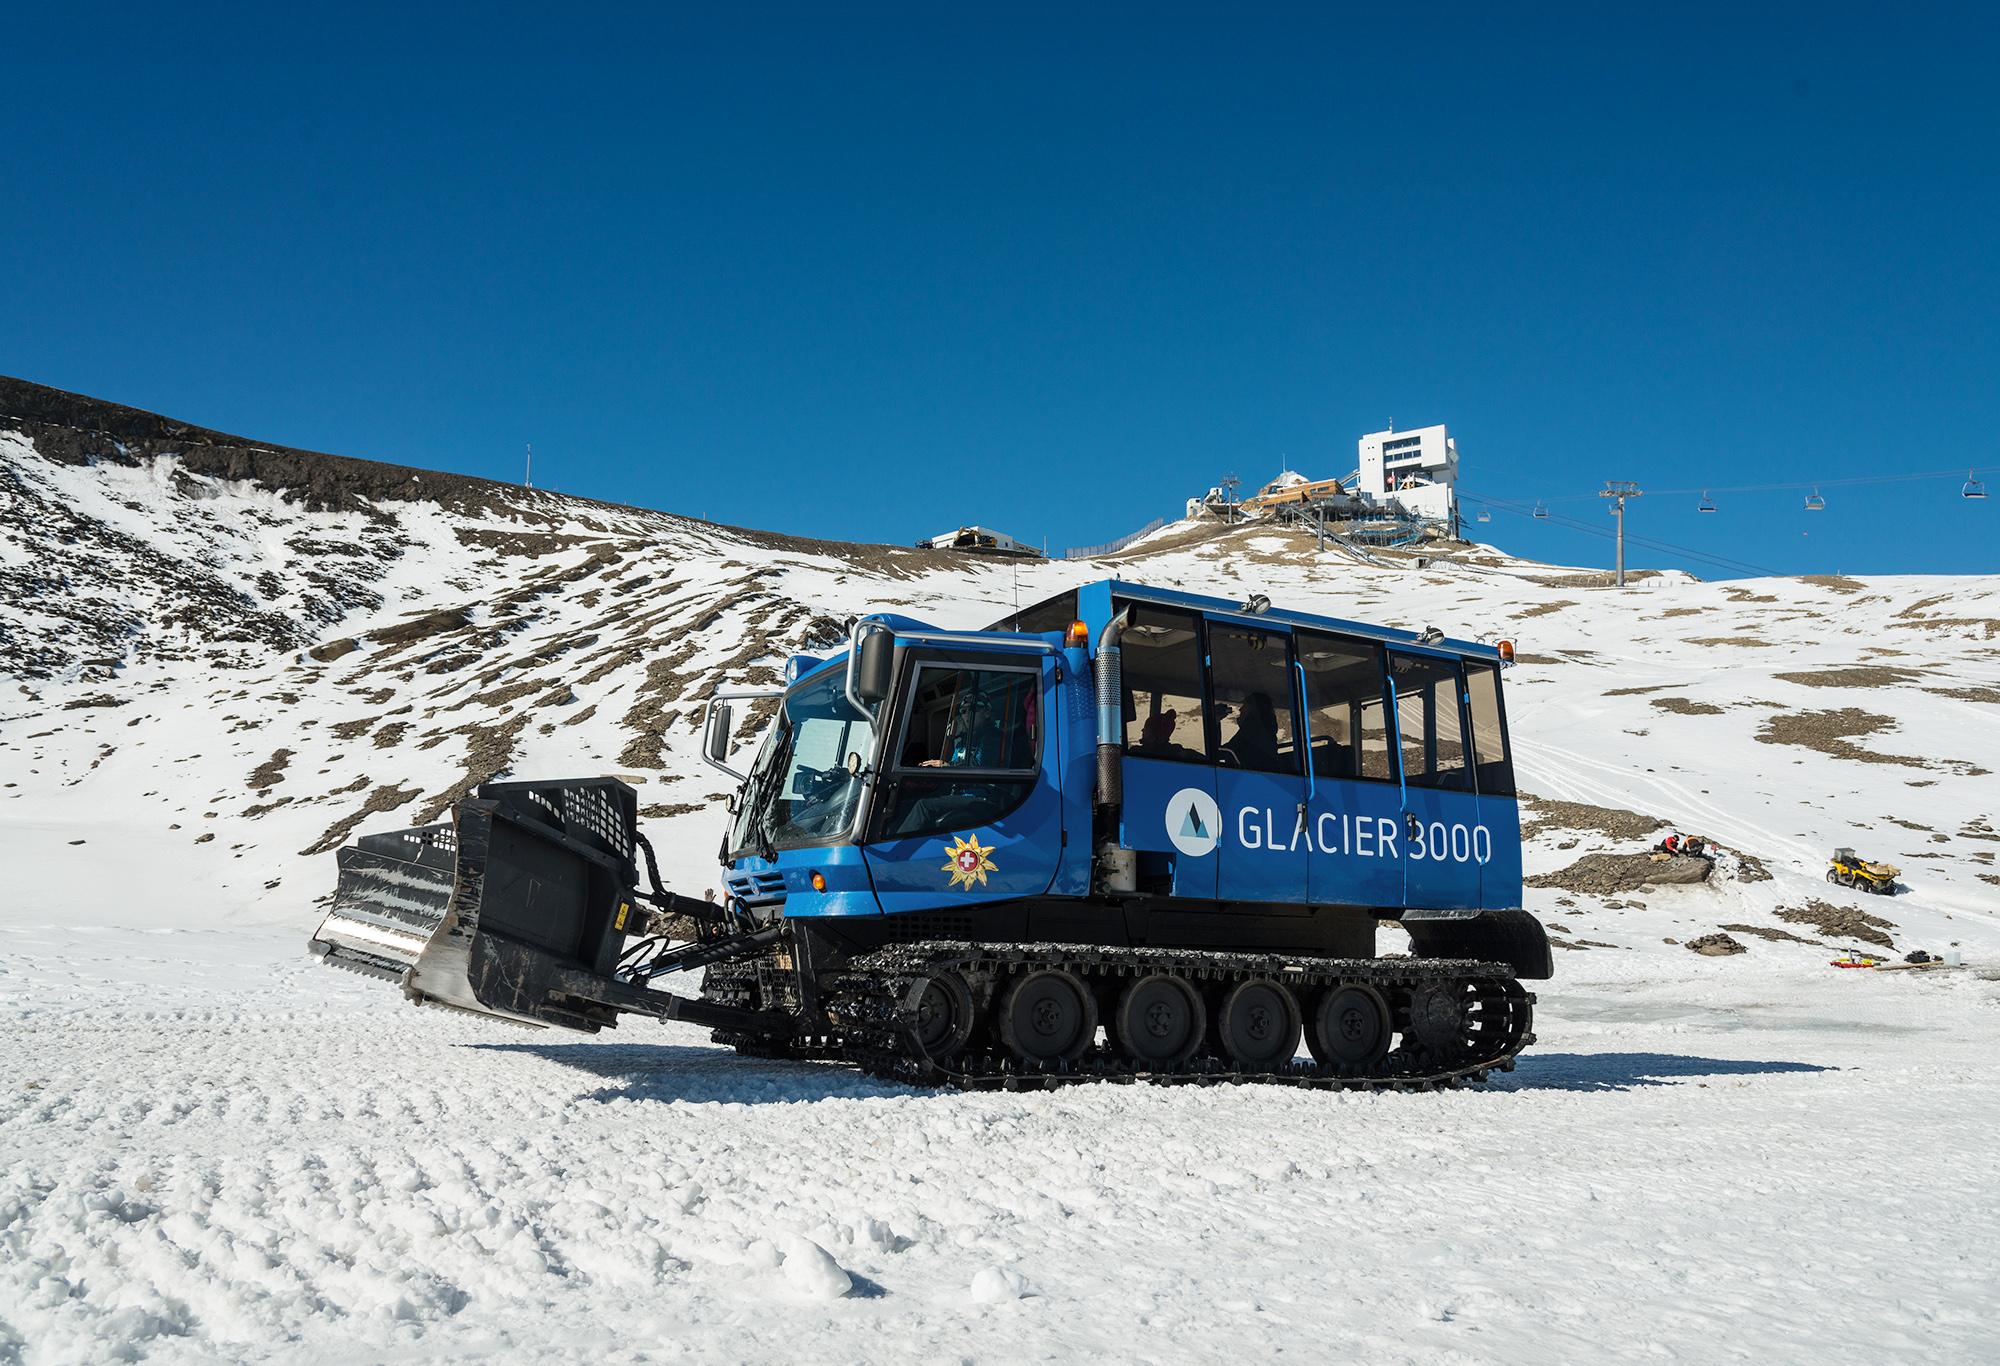 kt_2020_320_Keytours_excursions_Swisstours_glacier3000_snow_bus1_2048_10